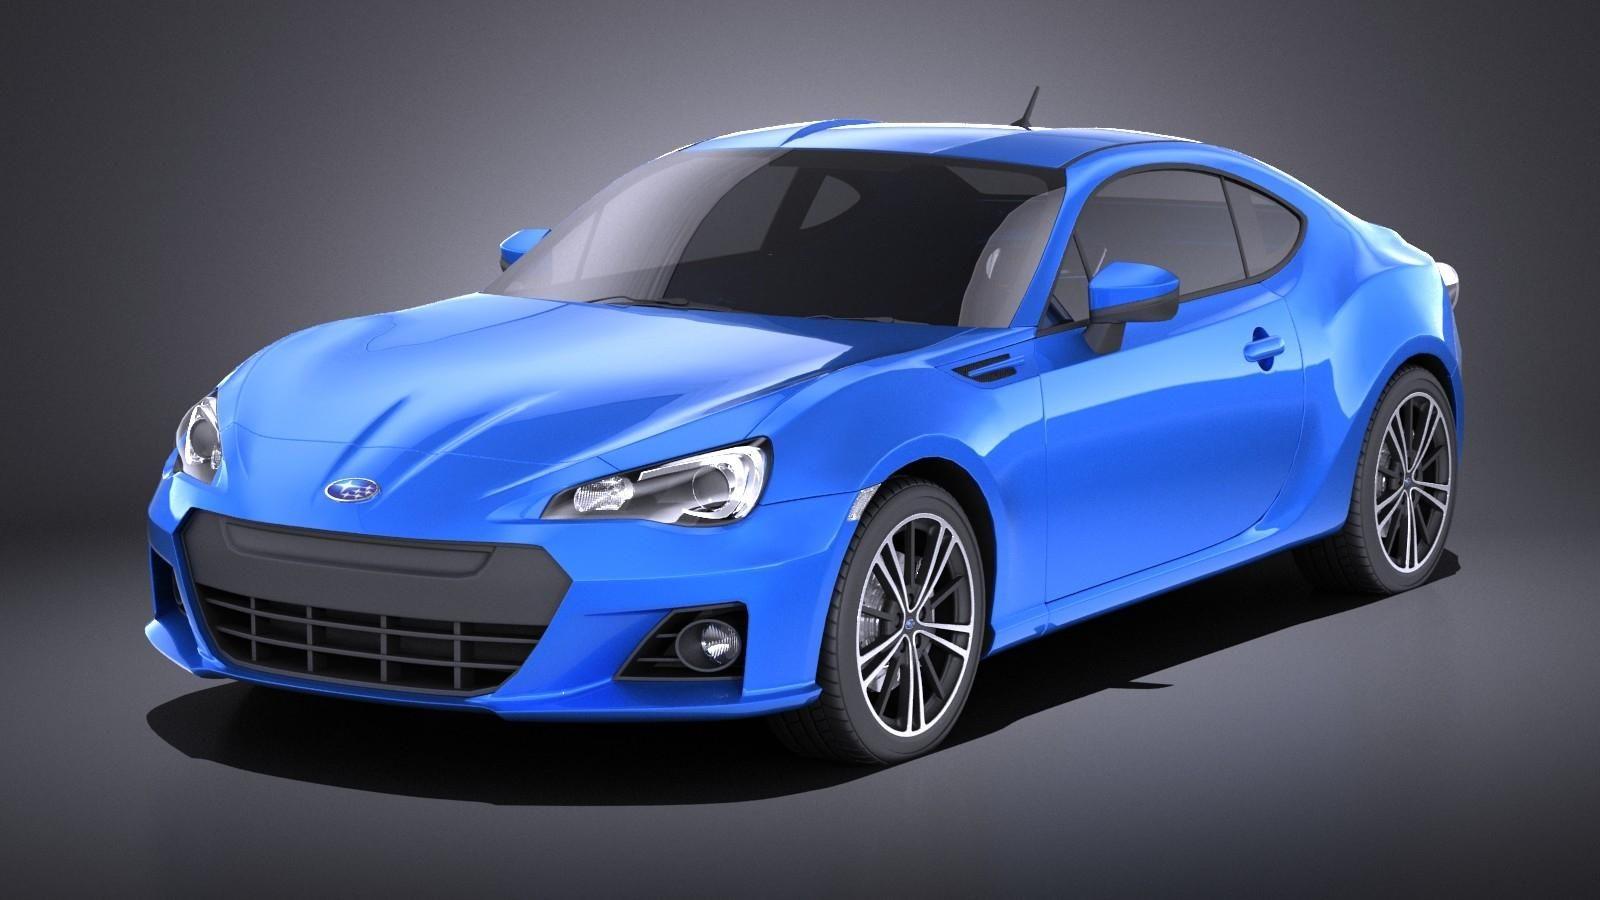 Subaru BRZ 2015 VRAY 3D Model #AD ,#BRZ#Subaru#Model#VRAY ...